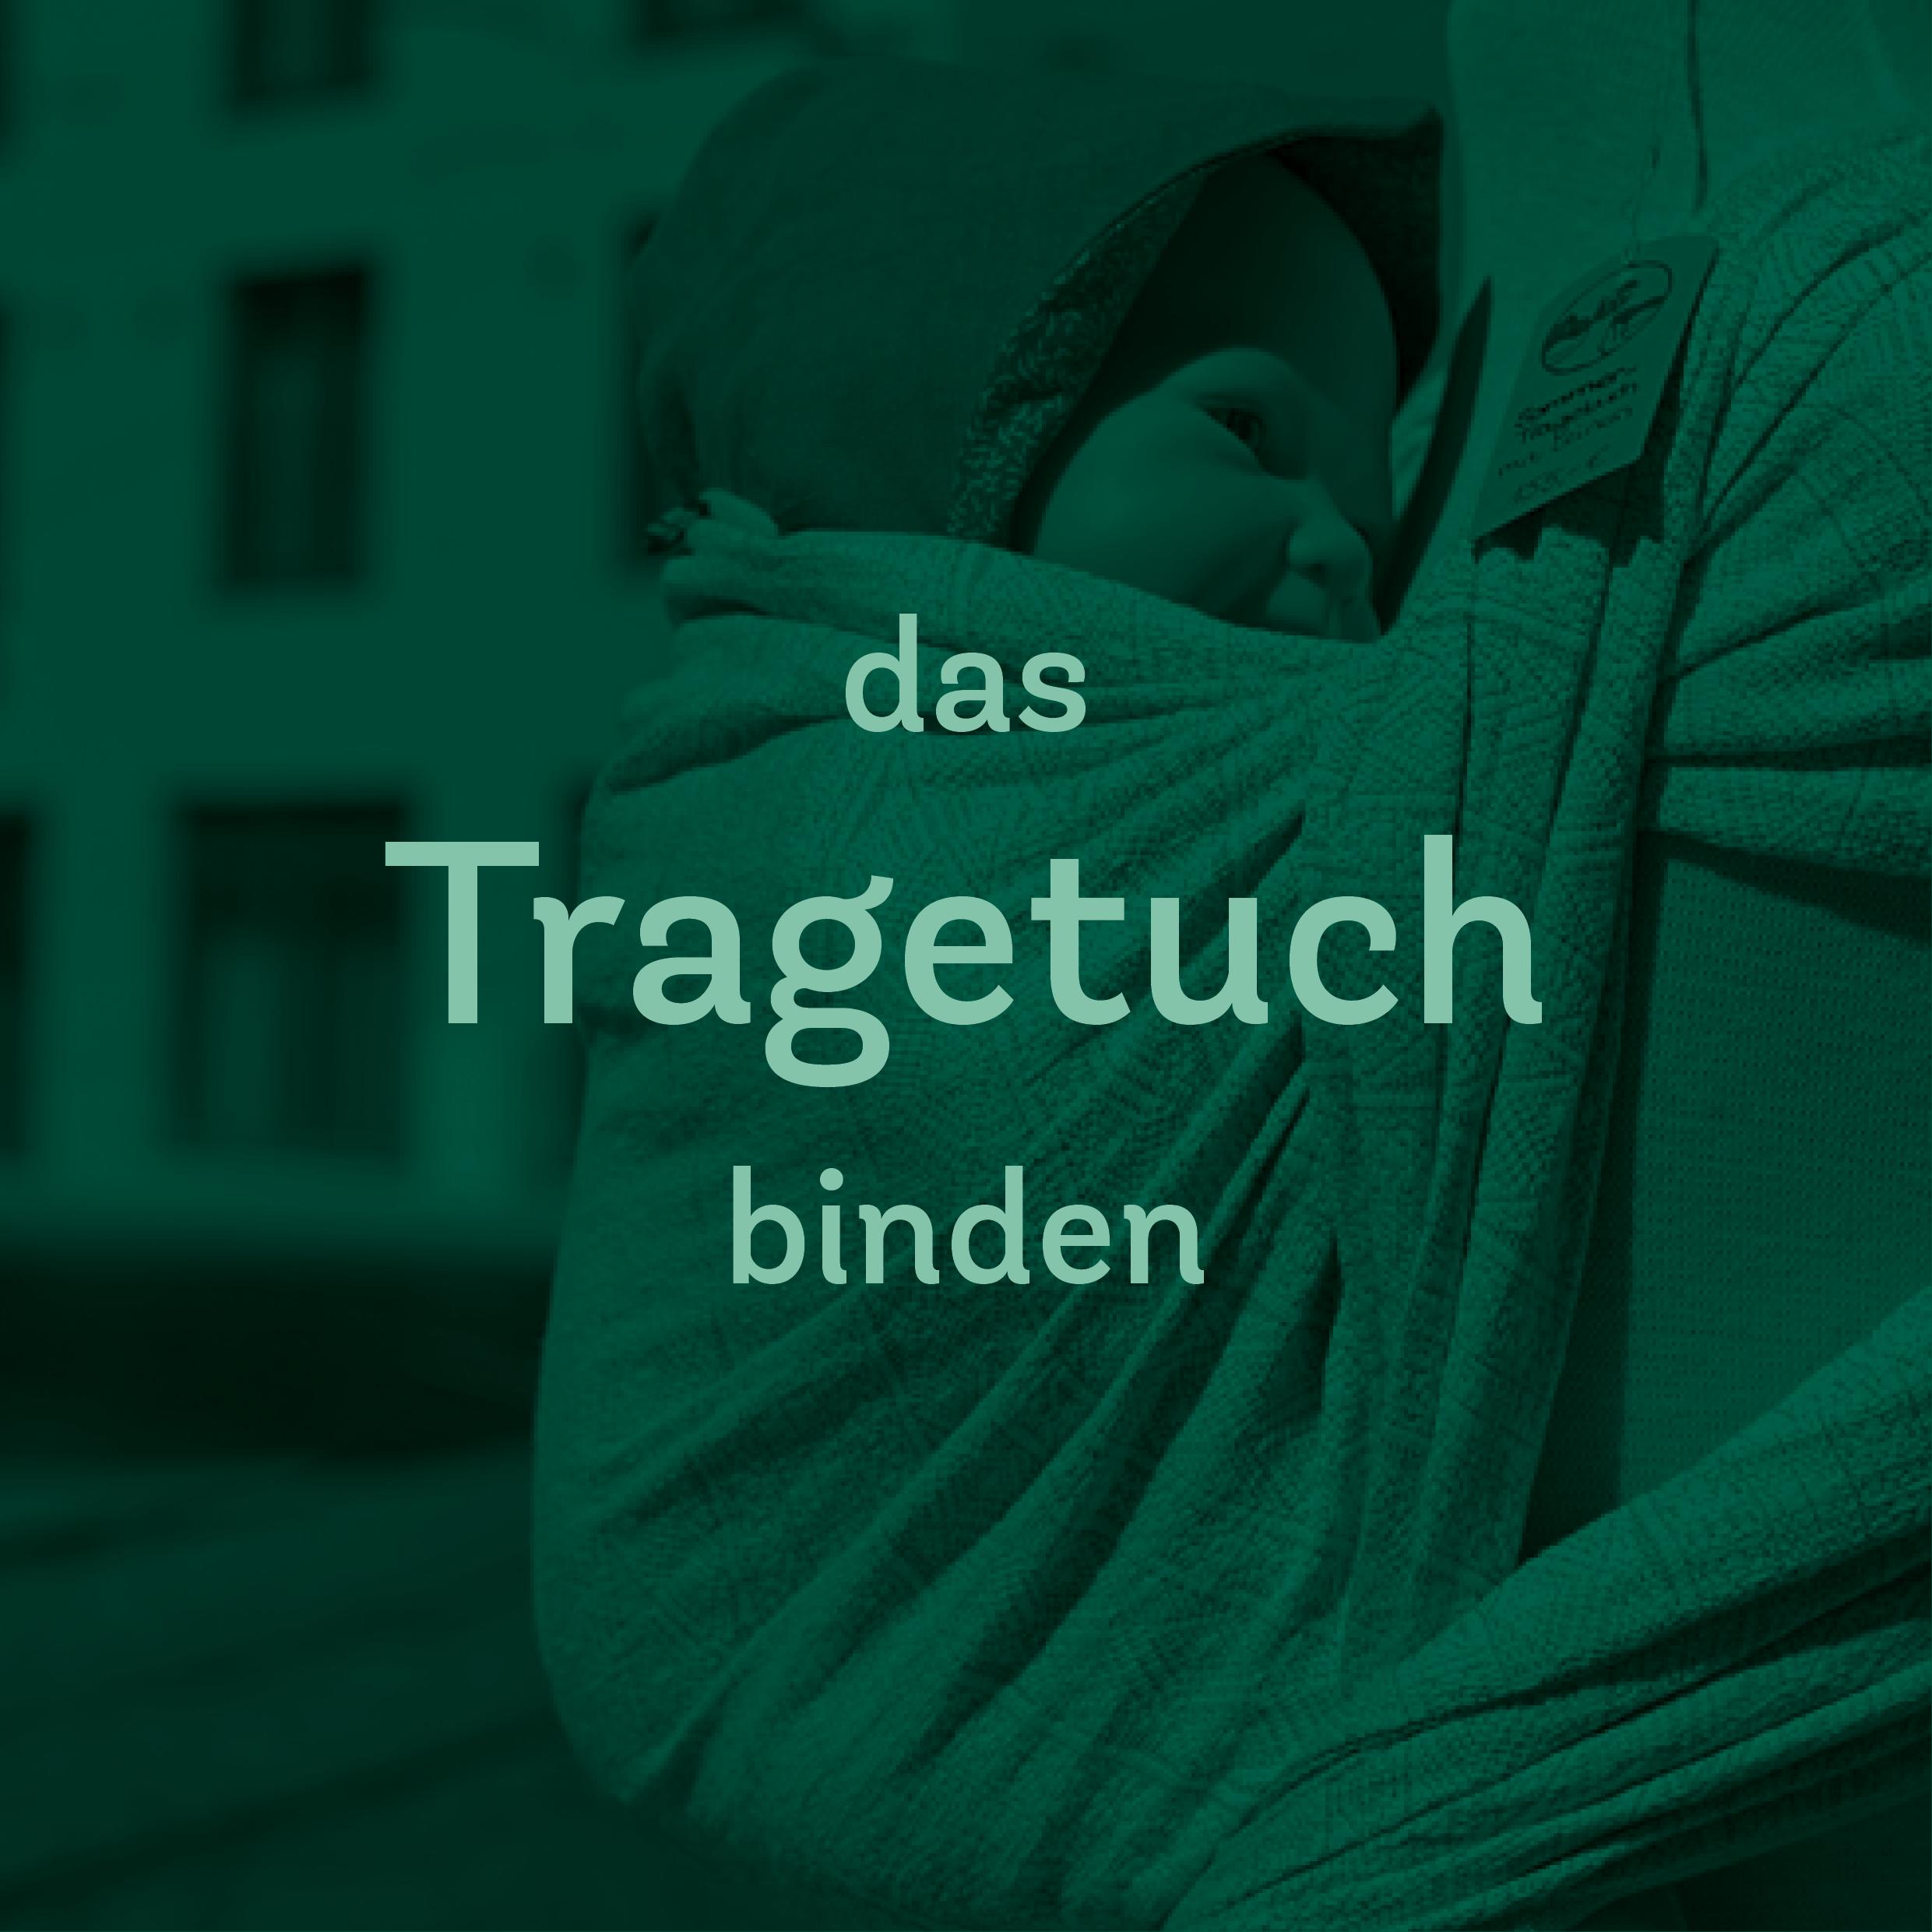 Trageberatung – Tuch binden vorn o. hinten